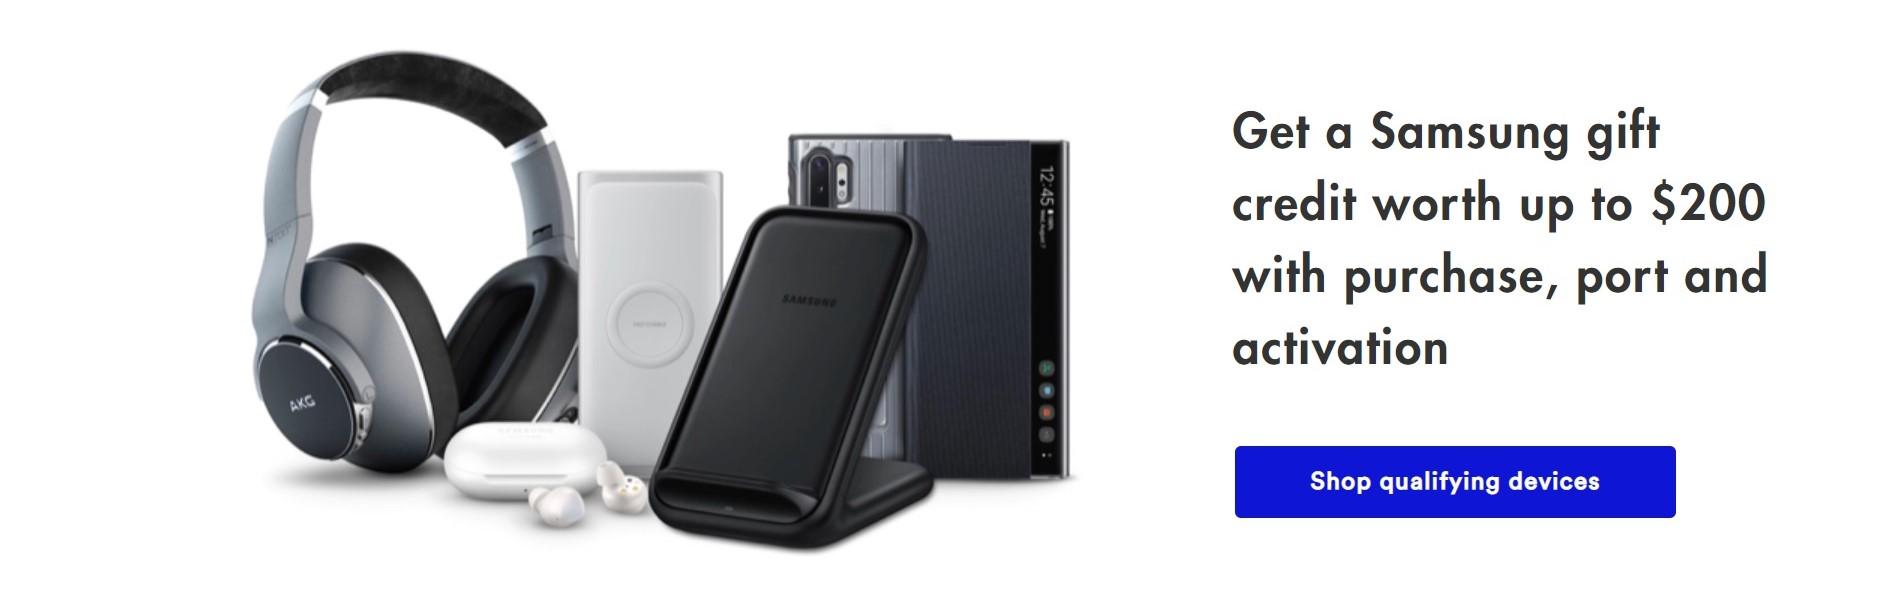 Visible Samsung Gift Credit